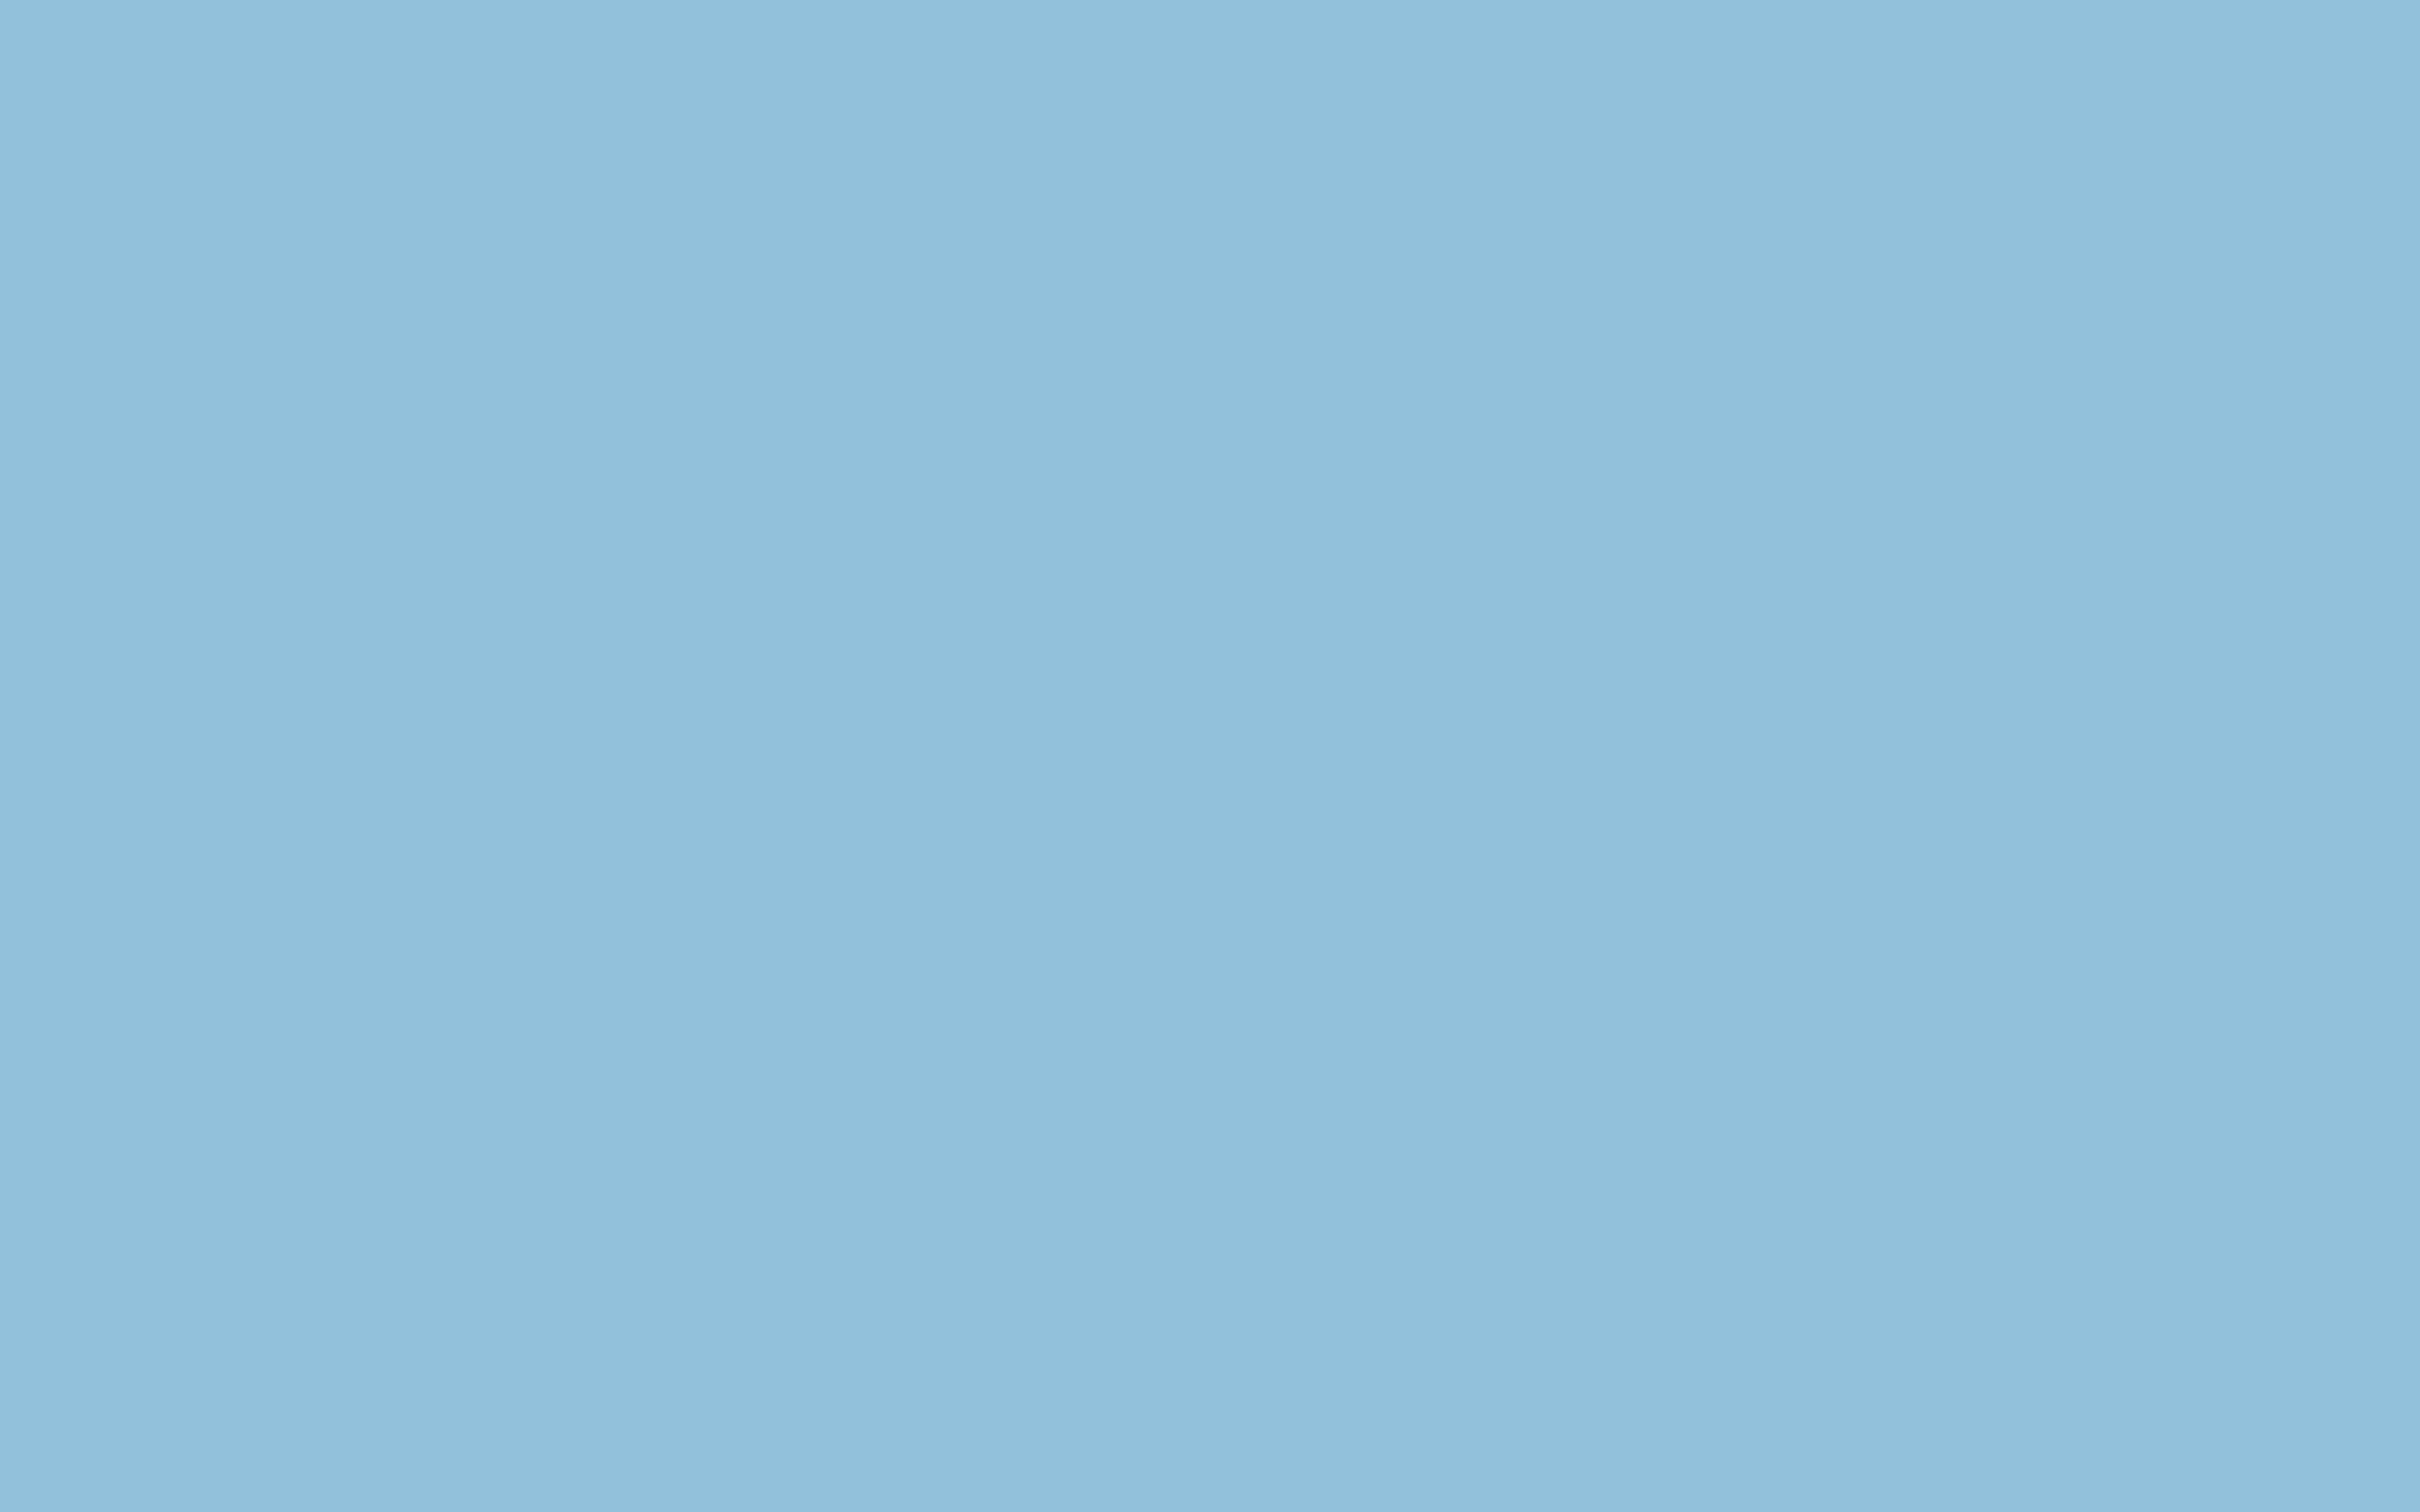 Light Blue Wallpapers 2560x1600